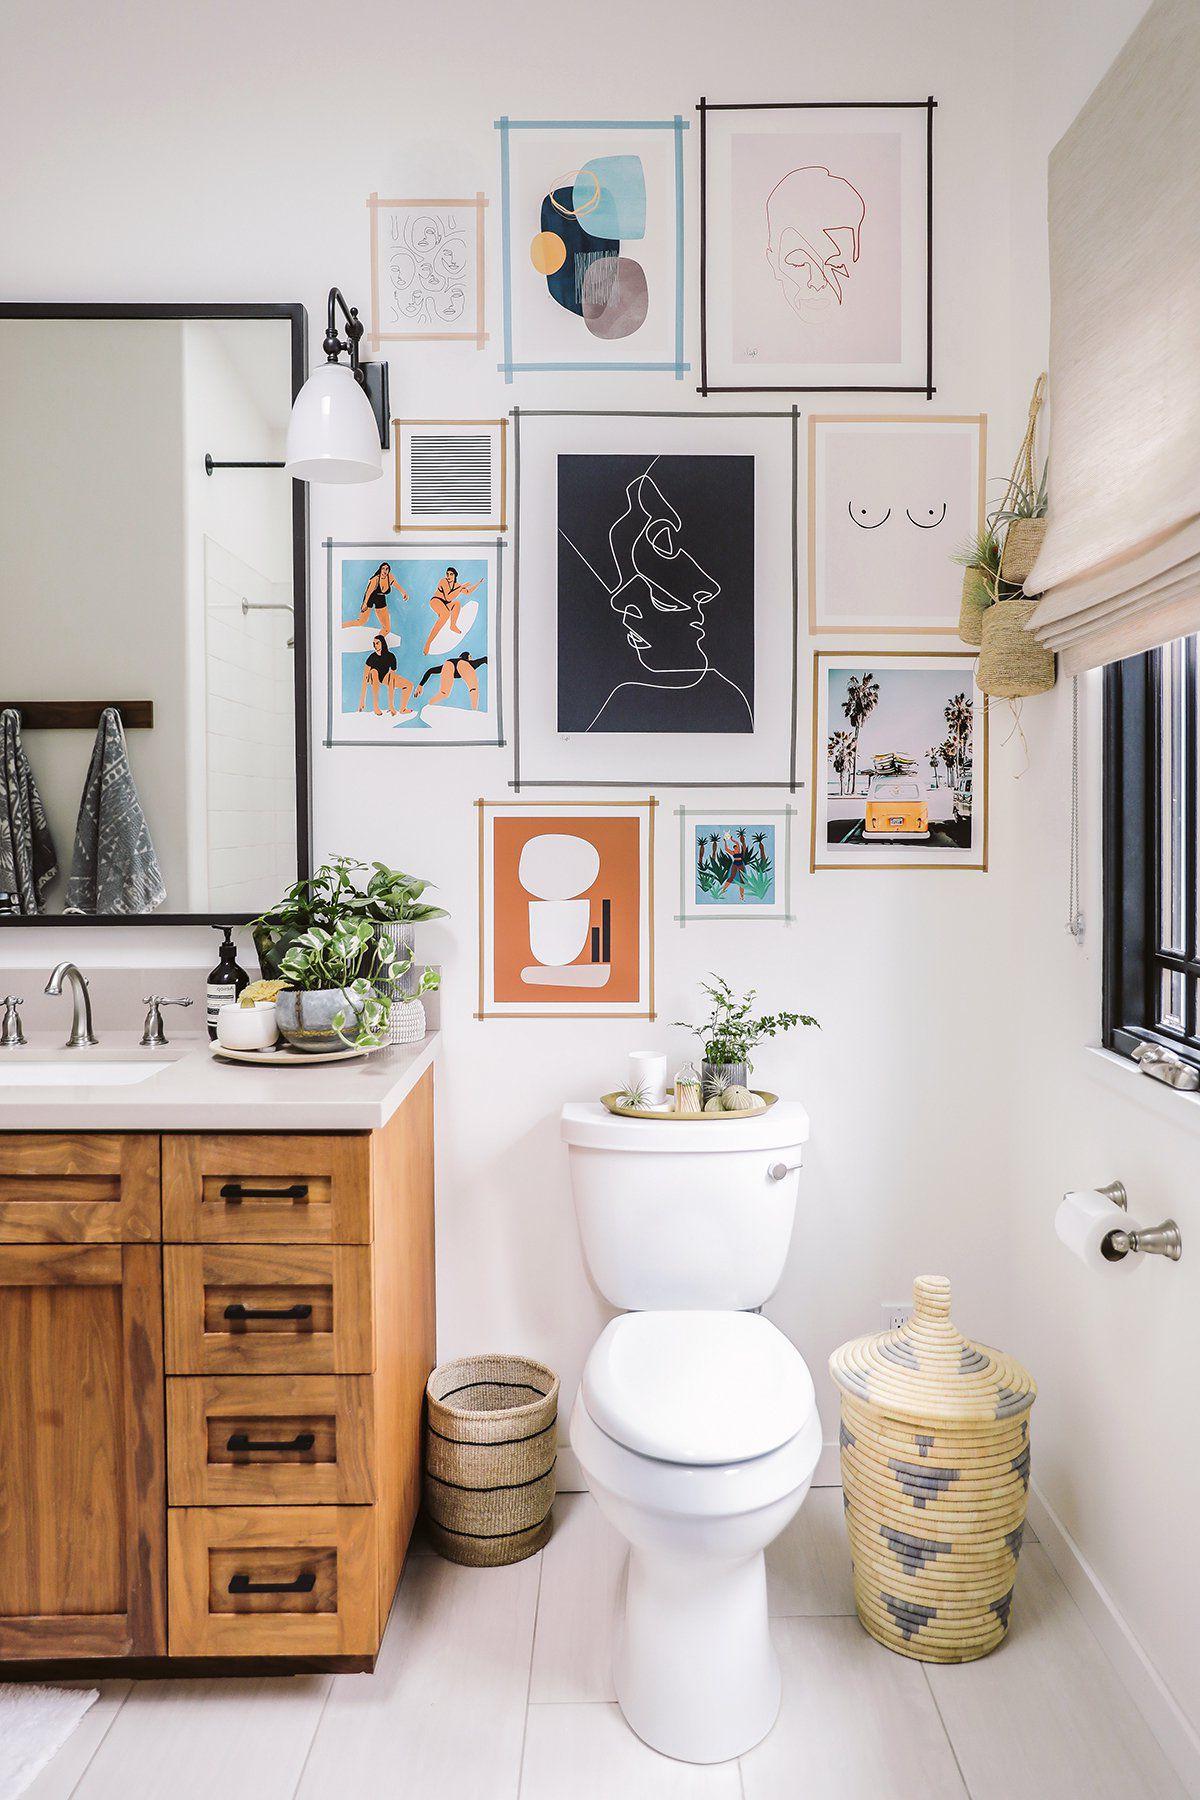 Lisez notre article pour savoir comment réparer les wc bouchés.